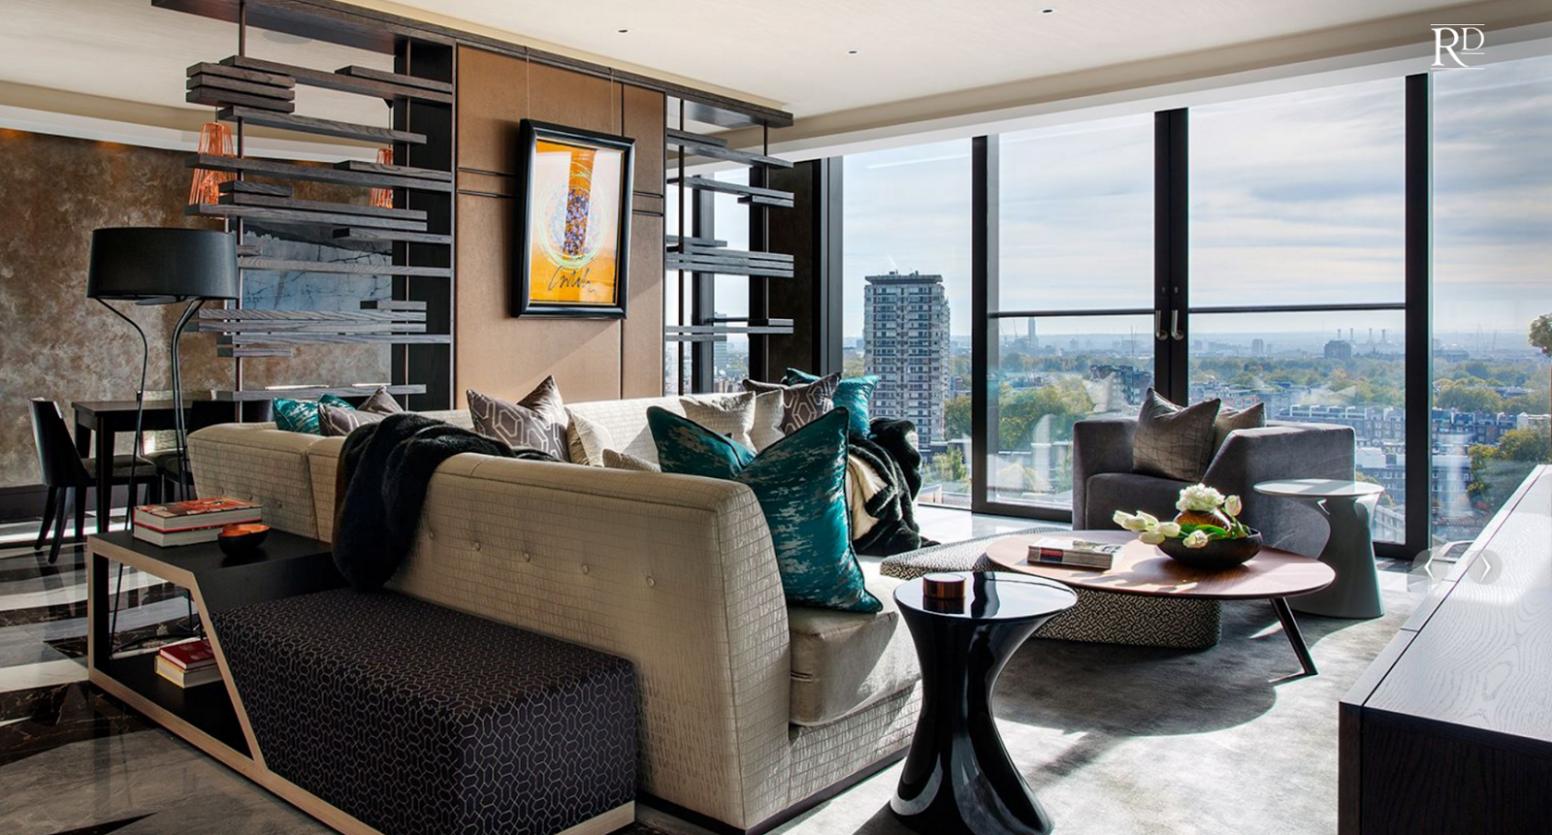 10 Gorgeous Interior Design Ideas  by Ali Woo  Medium - Apartment Design Ideas Uk